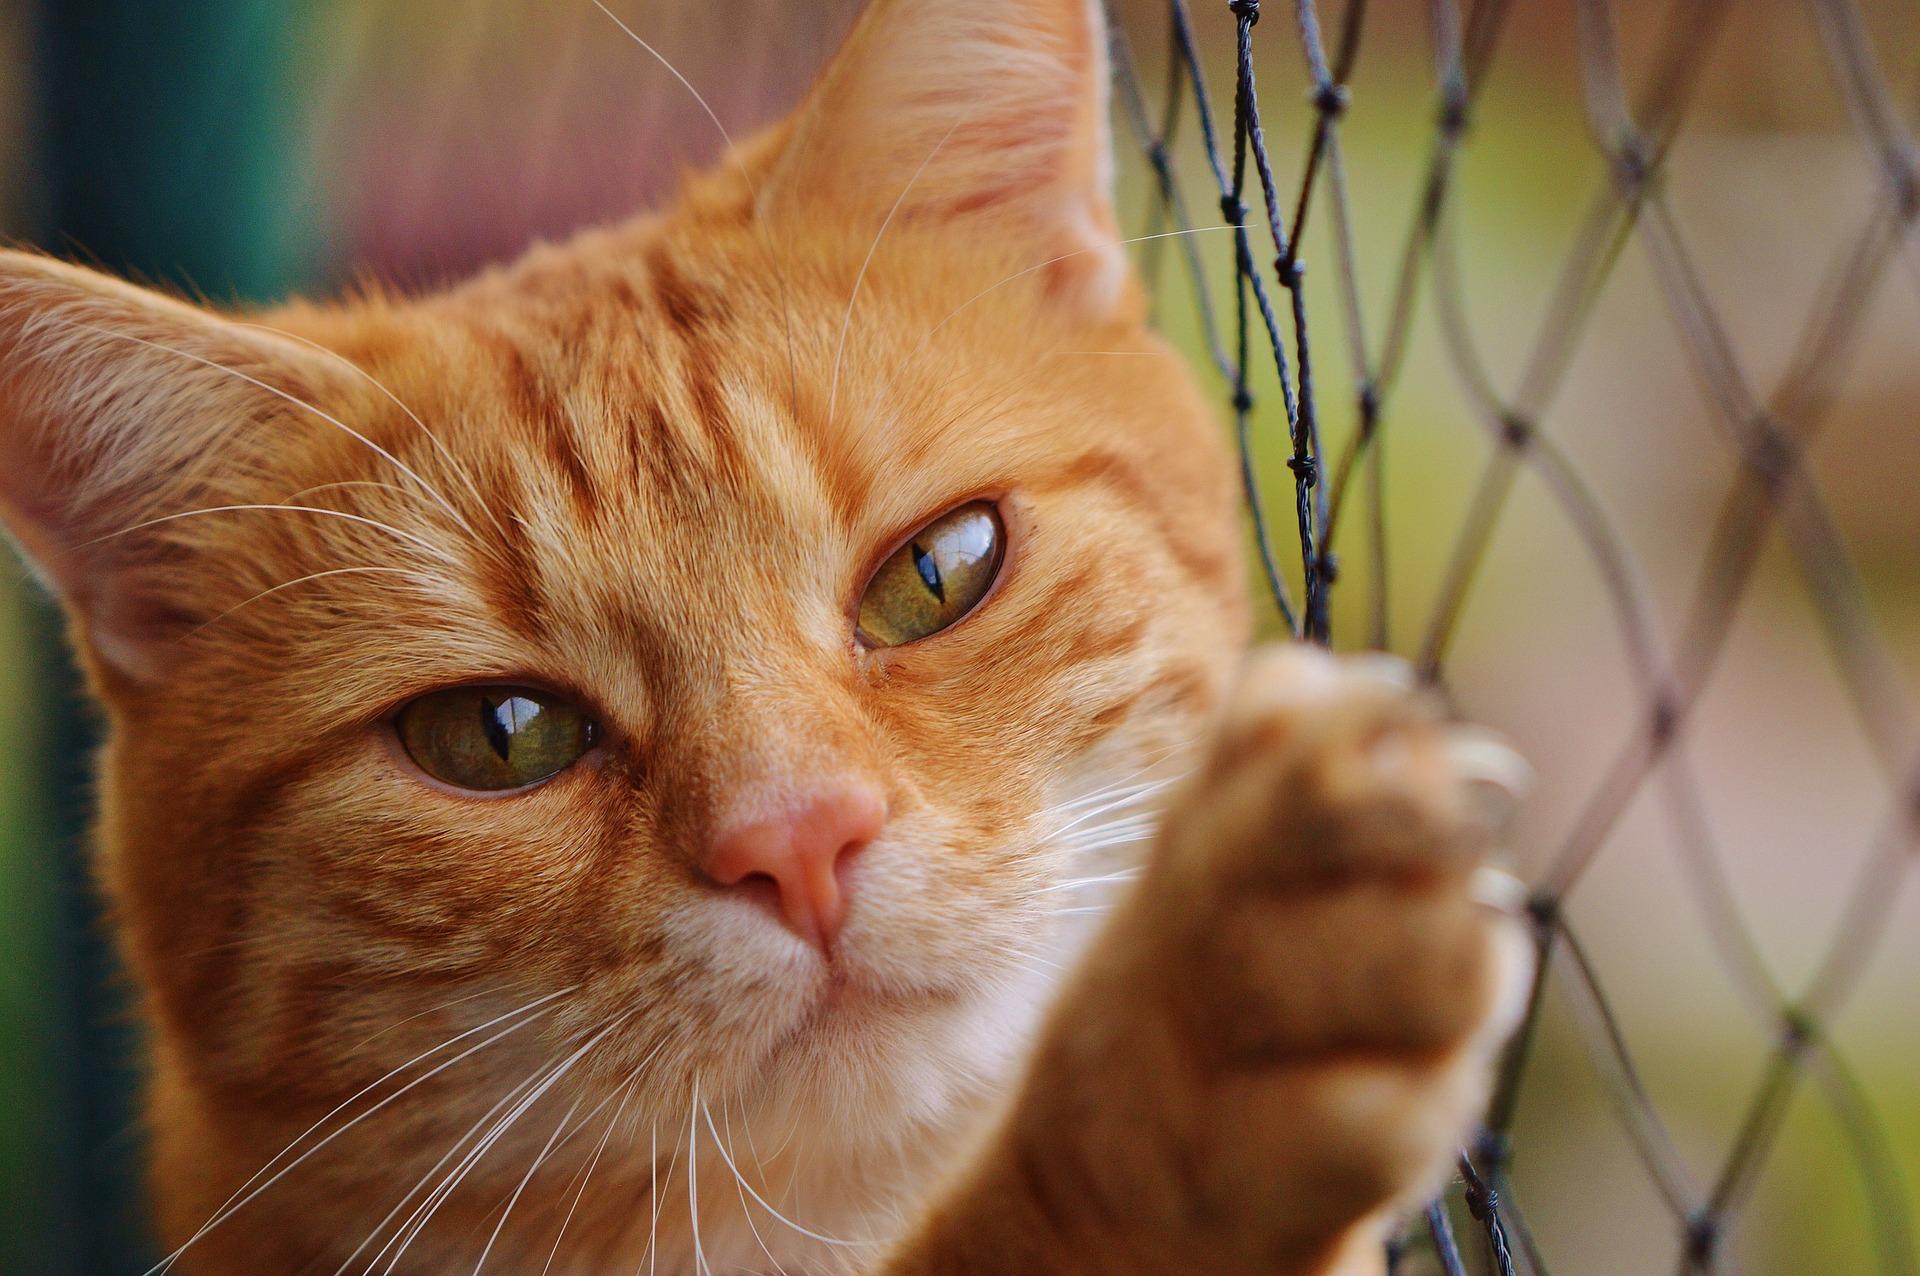 fobie związane ze zwierzętami, fobia, lęk przed, animalistka.pl, blog o zwierzętach, animalistka, fobie znanych ludzi celebrytów